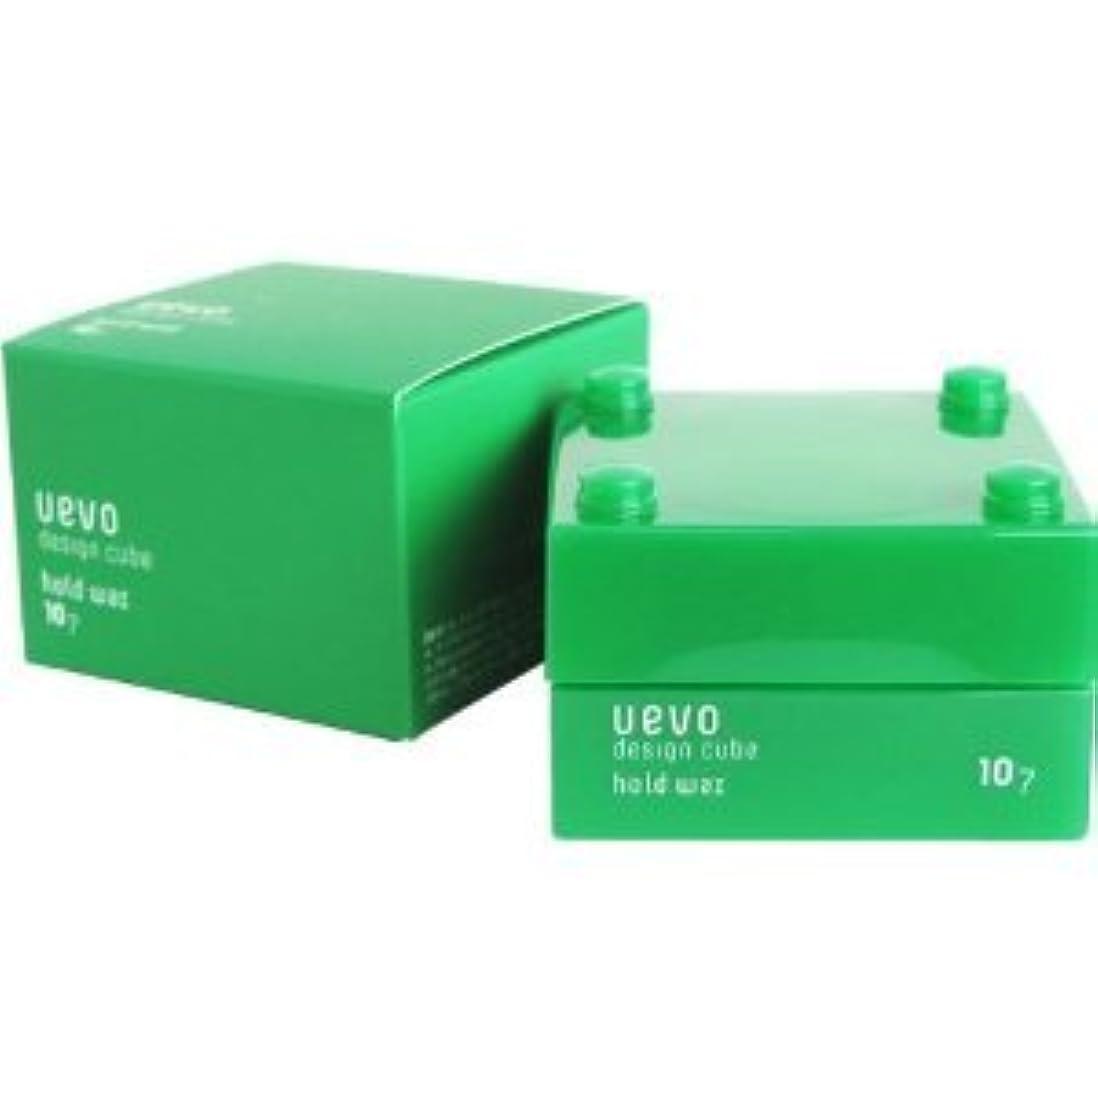 保証プロフィール運賃【X3個セット】 デミ ウェーボ デザインキューブ ホールドワックス 30g hold wax DEMI uevo design cube